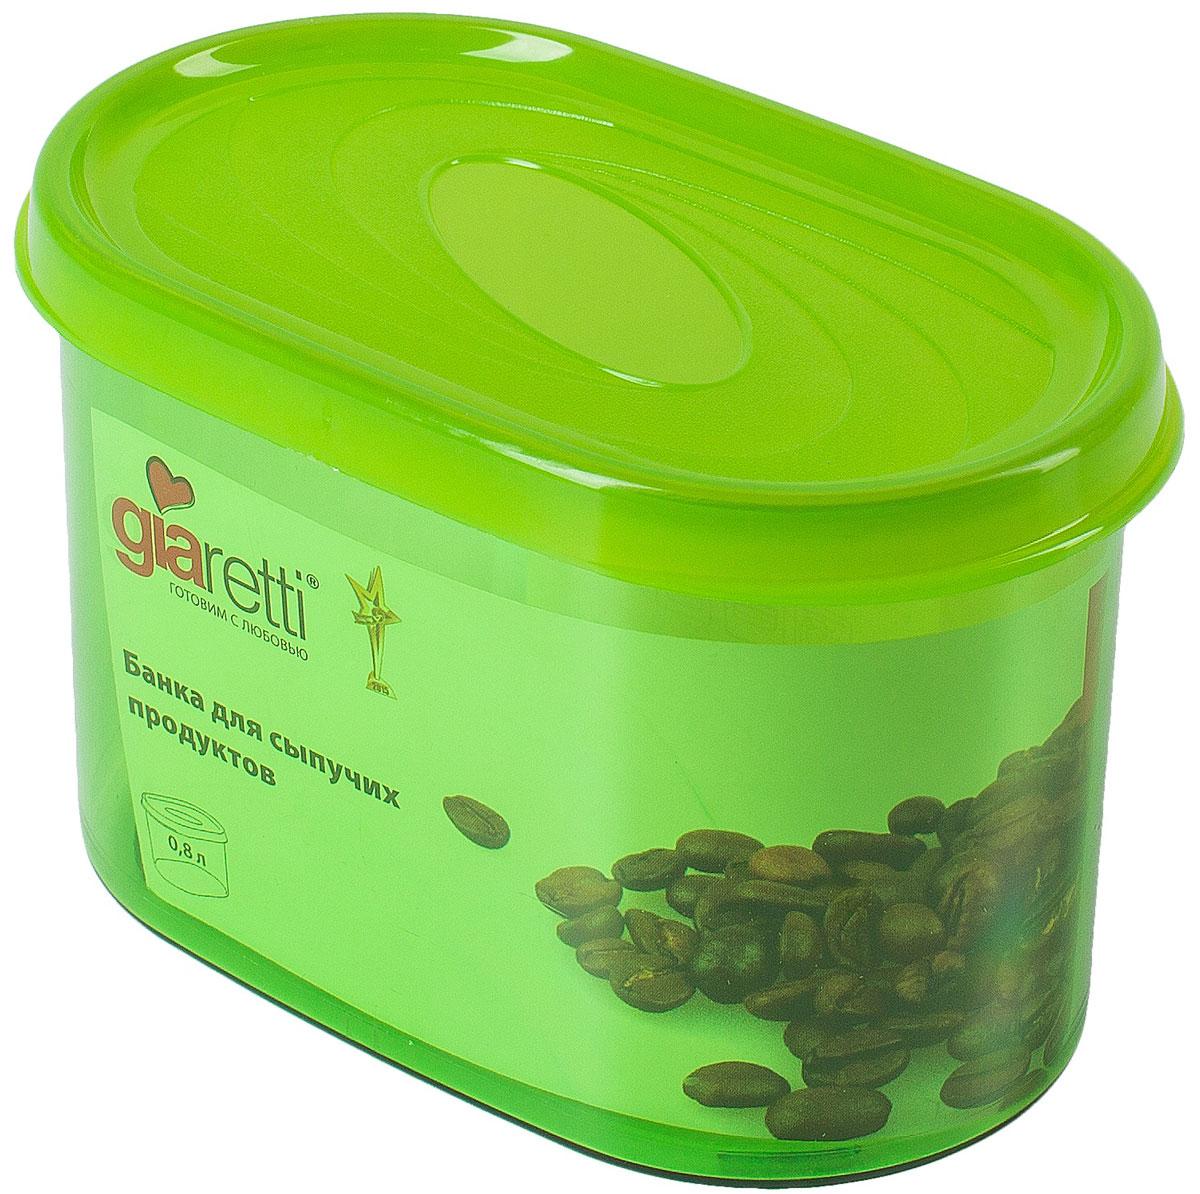 Банка для сыпучих продуктов Giaretti, 800 млGR2227МИКСБанка для сыпучих продуктов предназначена для хранения круп, сахара, макаронных изделий и других изделий, в том числе для продуктов с ярким ароматом (специи и прочее). Плотно прилегающая крышка не пропускает запахи содержимого в шкаф для хранения, при этом продукт не теряет своего аромата.